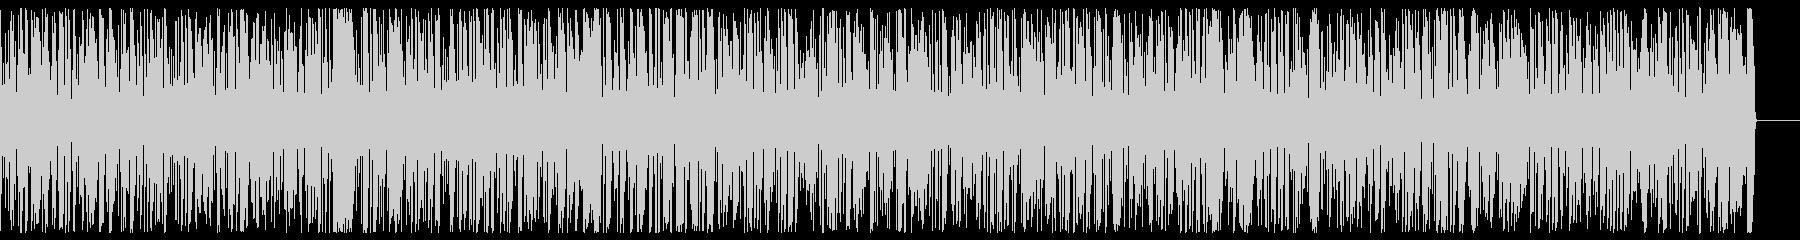 エネルギッシュで速い ジャズピアノBGMの未再生の波形